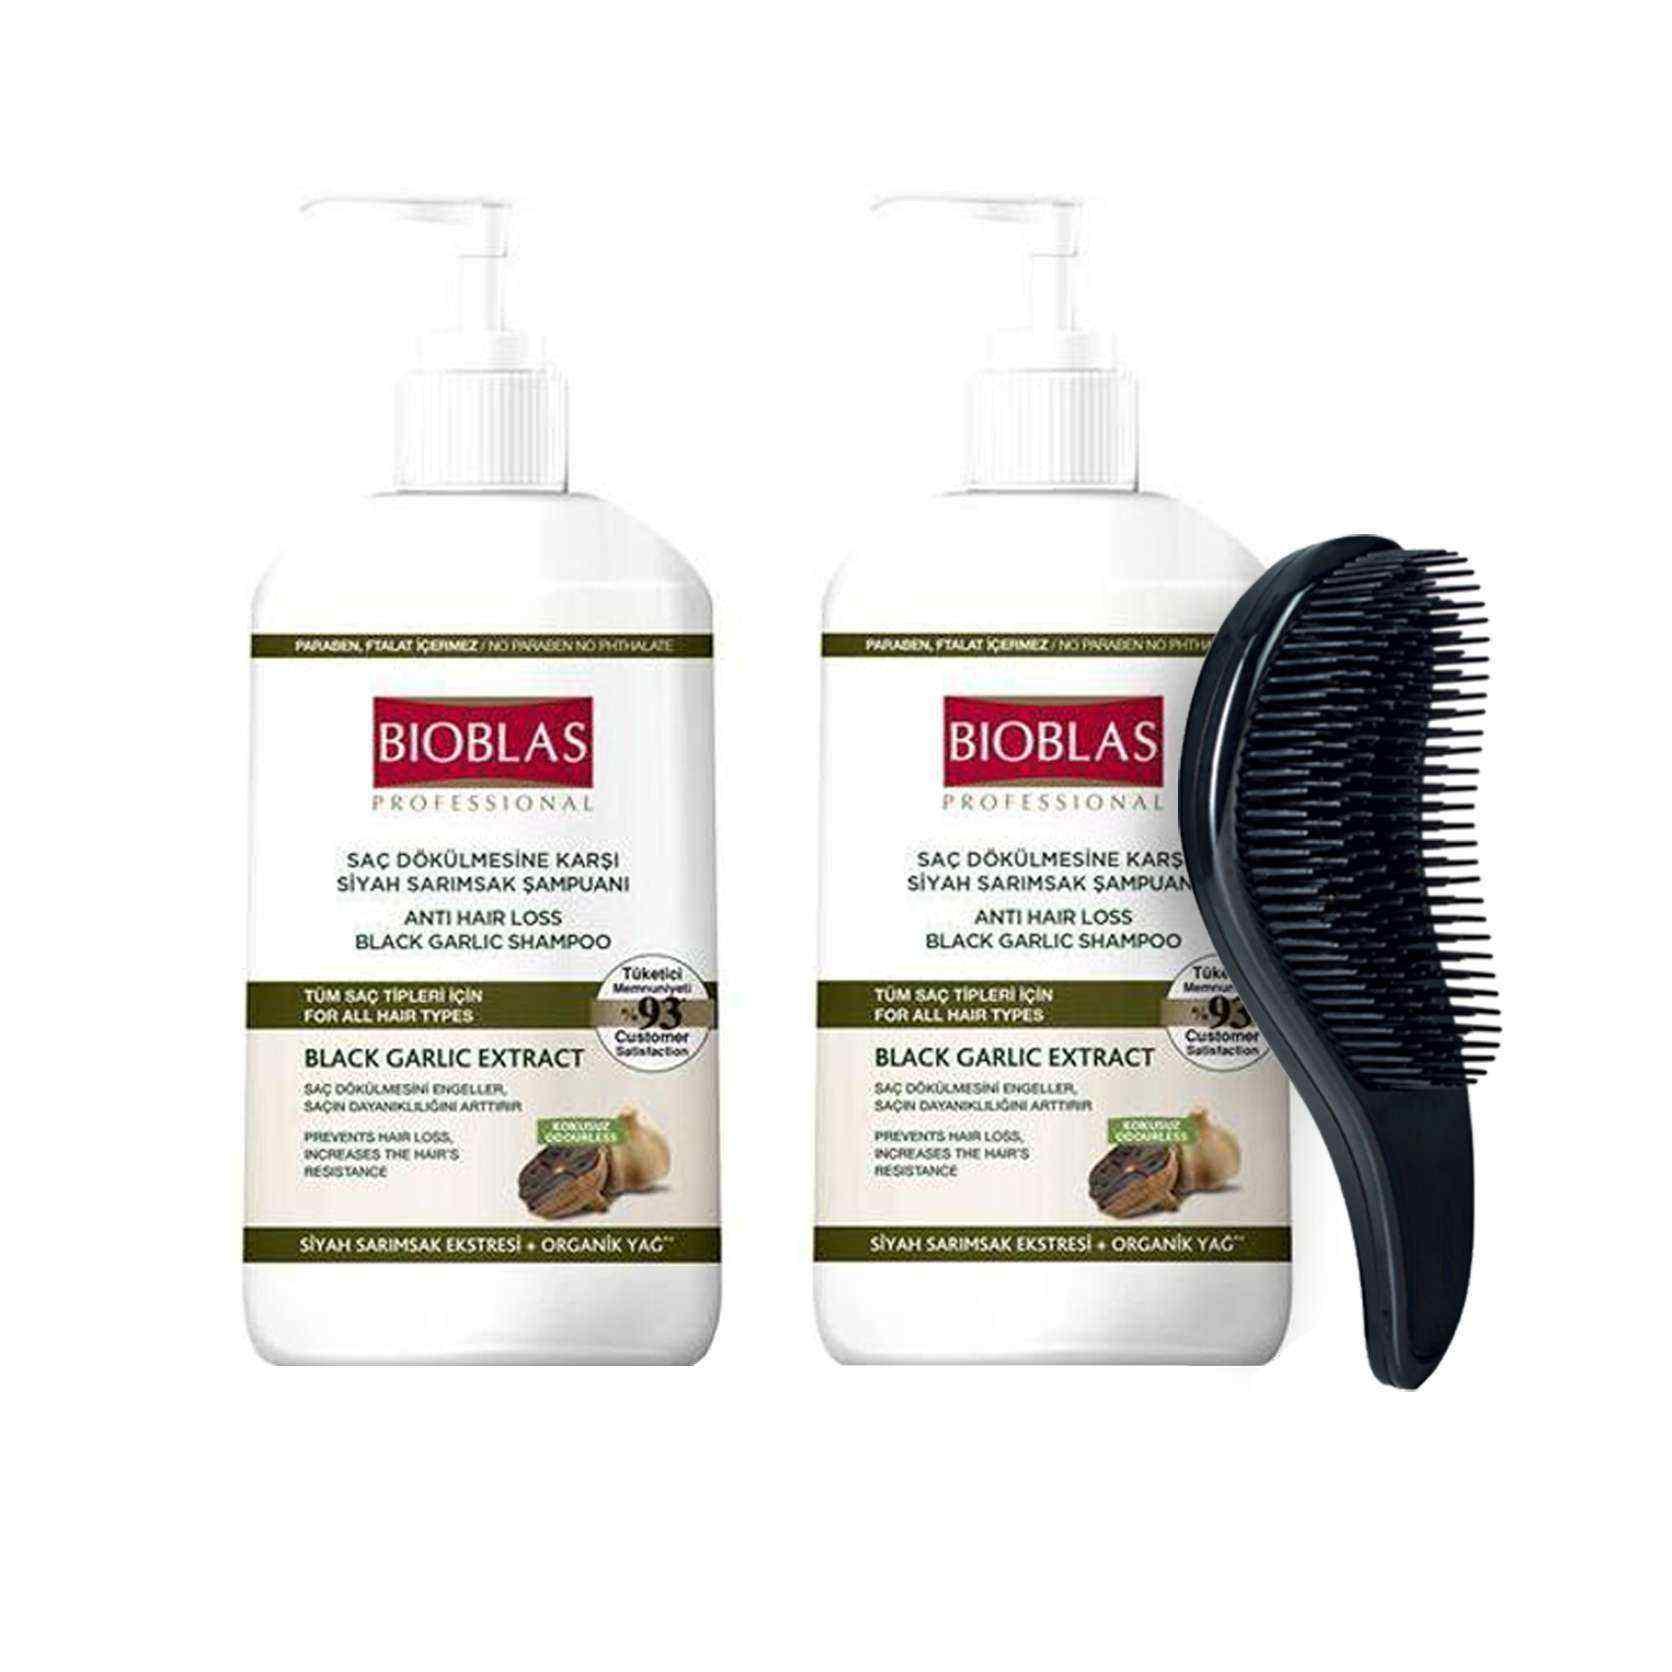 Bıoblas Saç Dökülmesine Karşı Siyah Sarımsak Şampuanı Tarak Hediyeli